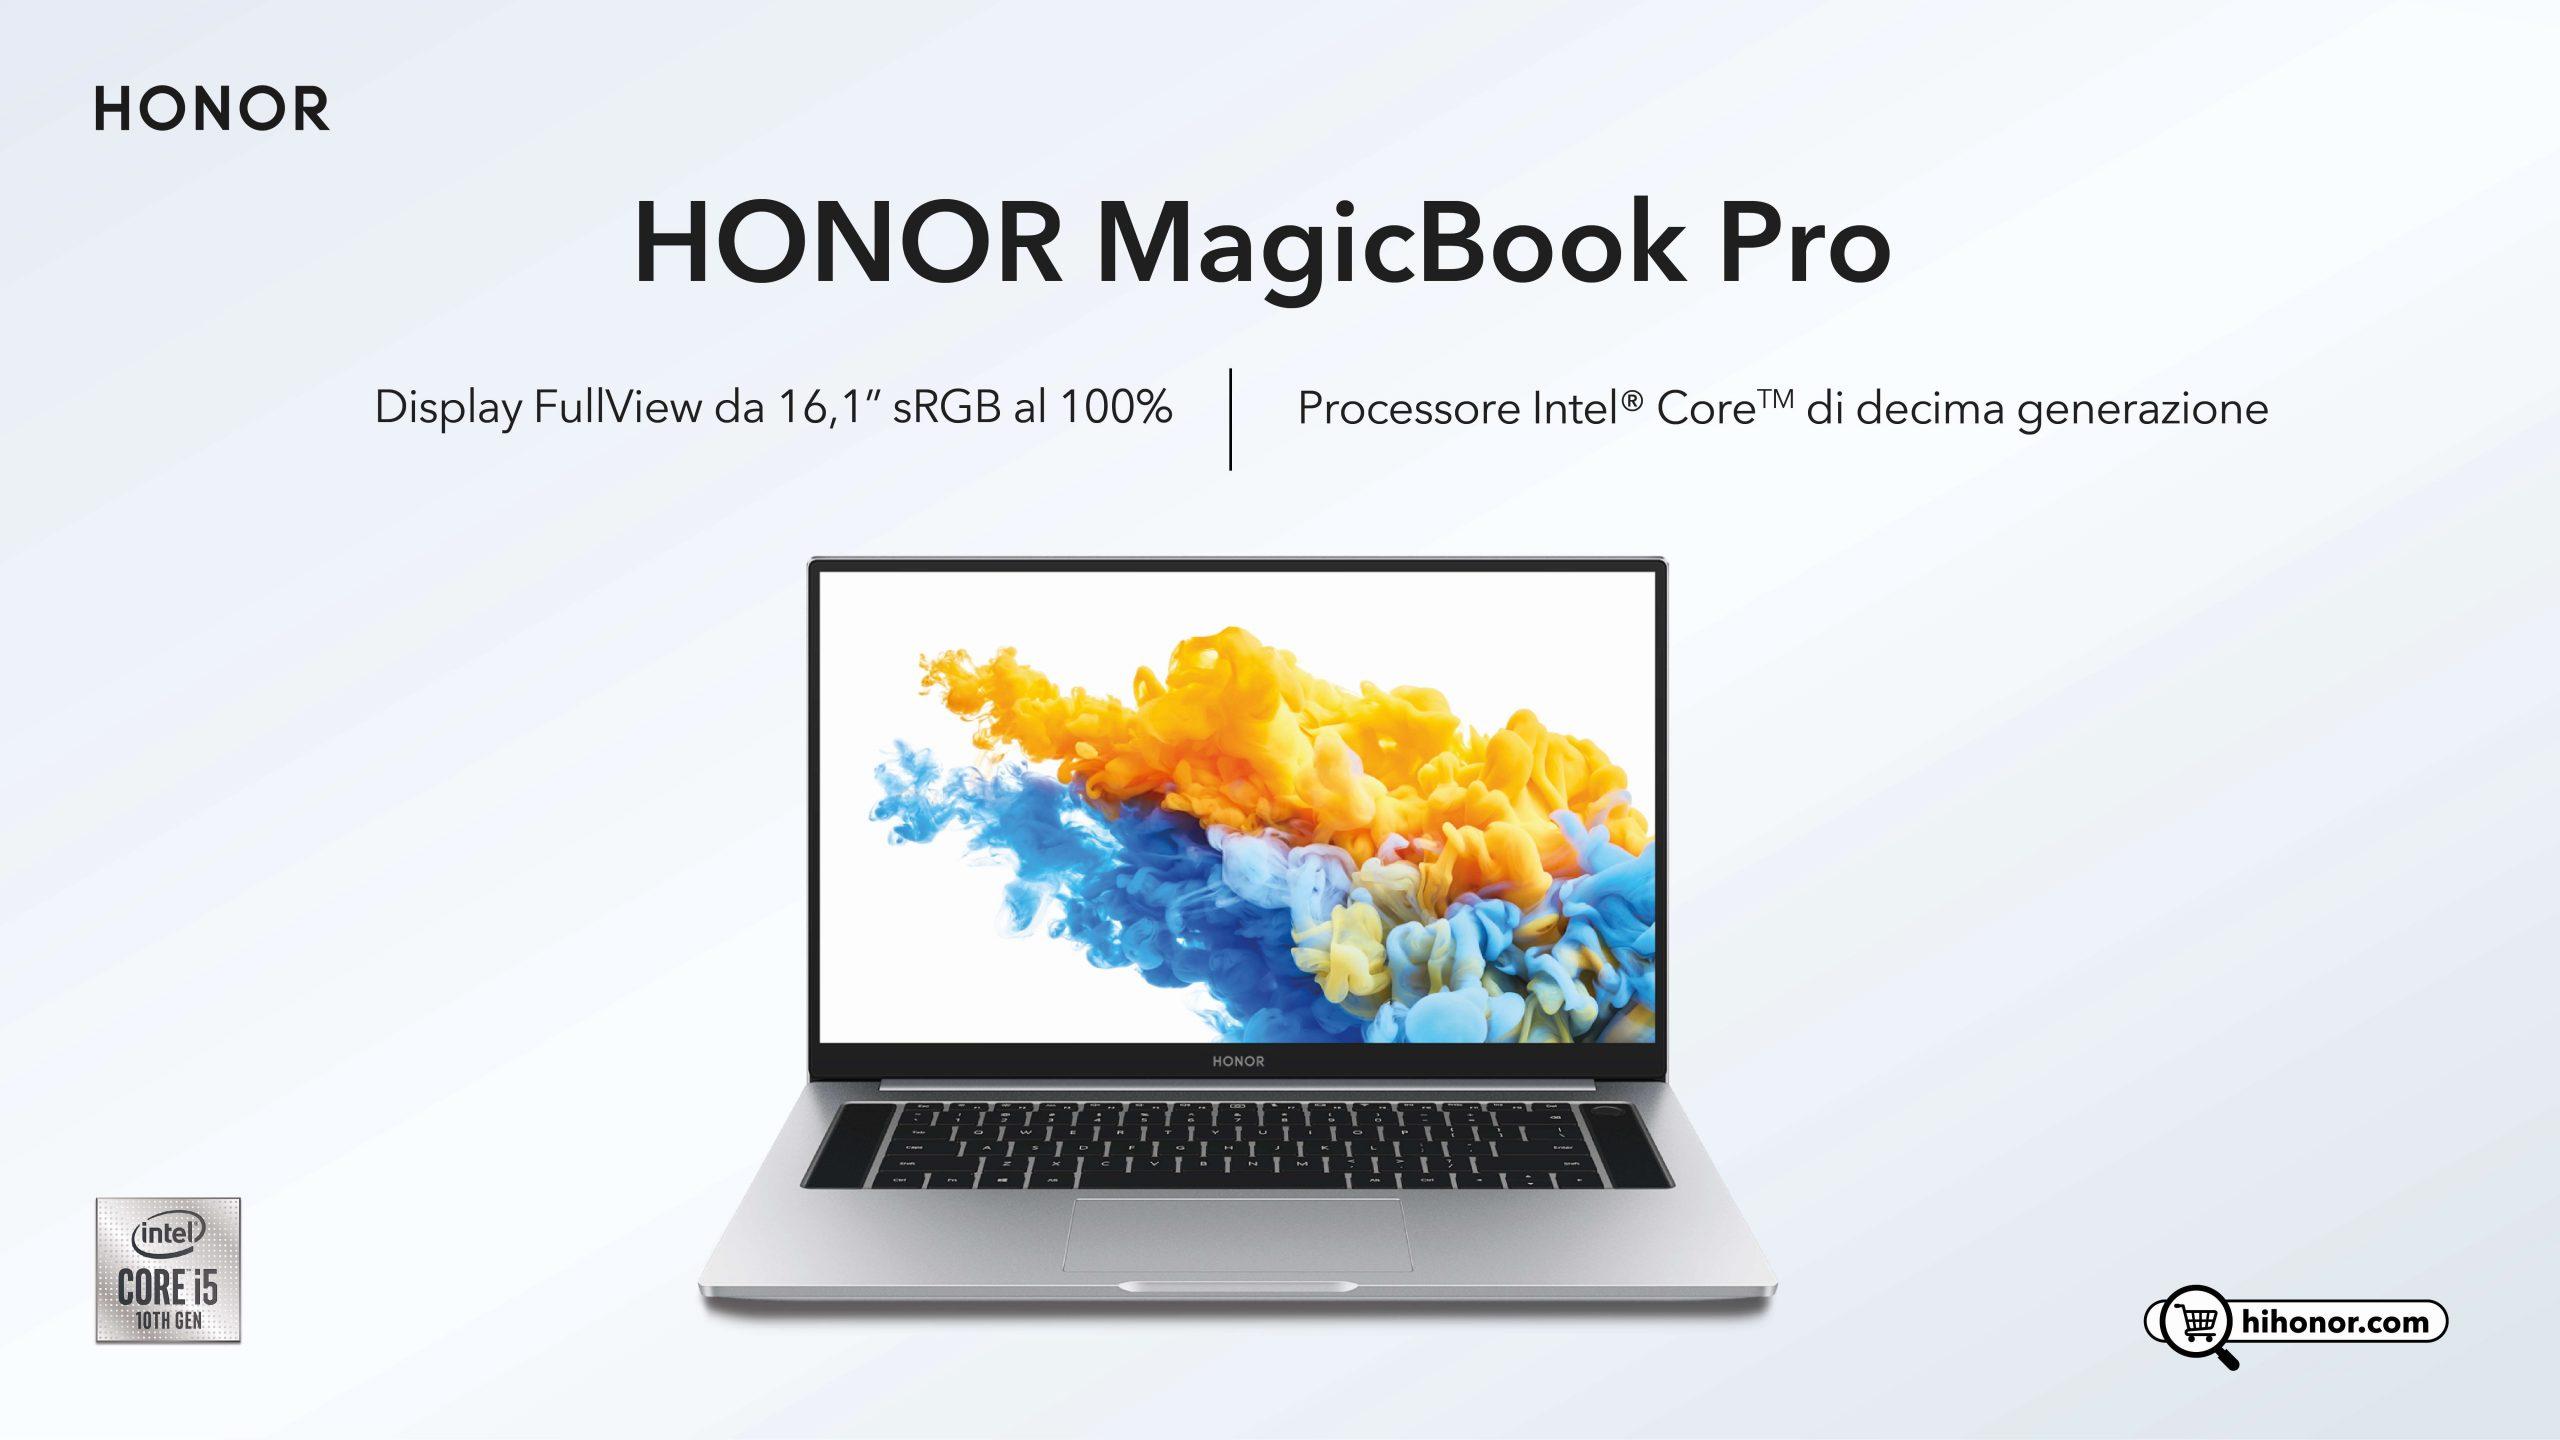 HONOR MagicBook Pro con processore Intel Core di decima generazione